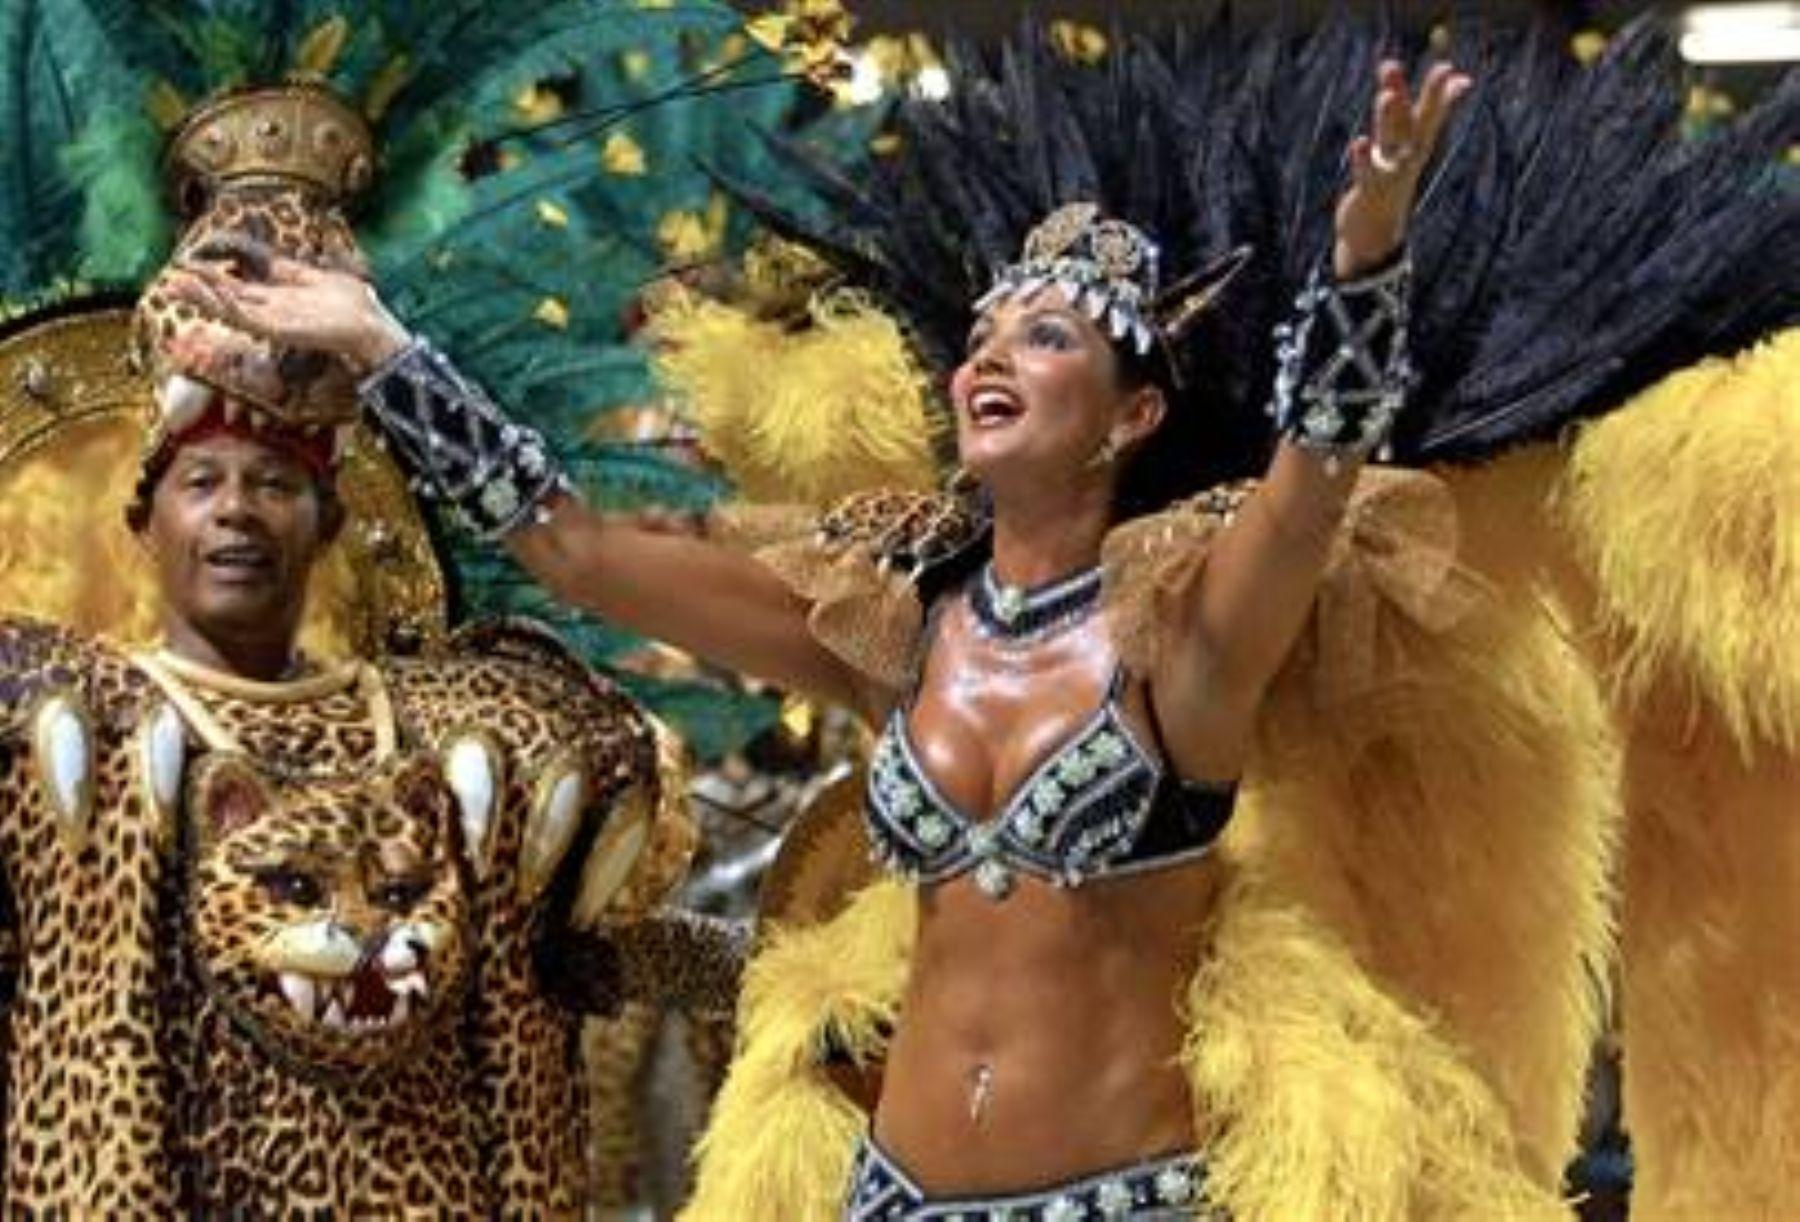 Empezaron los desfiles del Carnaval de Río de Janeiro. Foto: INTERNET/Medios.